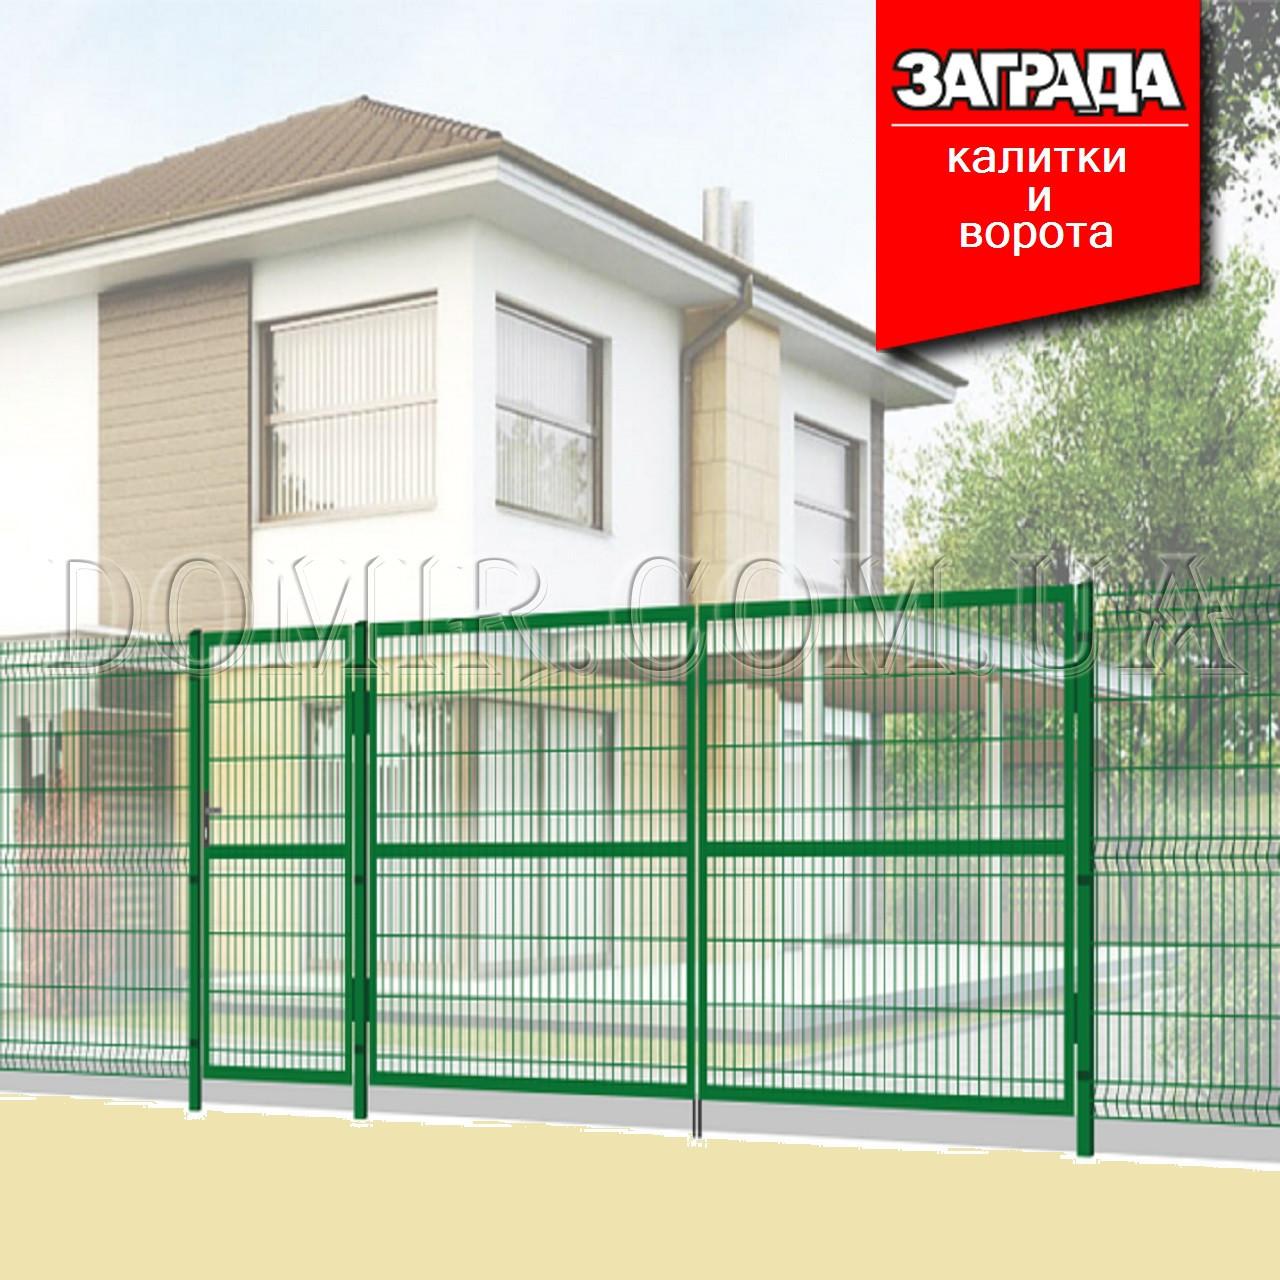 Ворота распашные и калитки из сварной сетки Заграда™